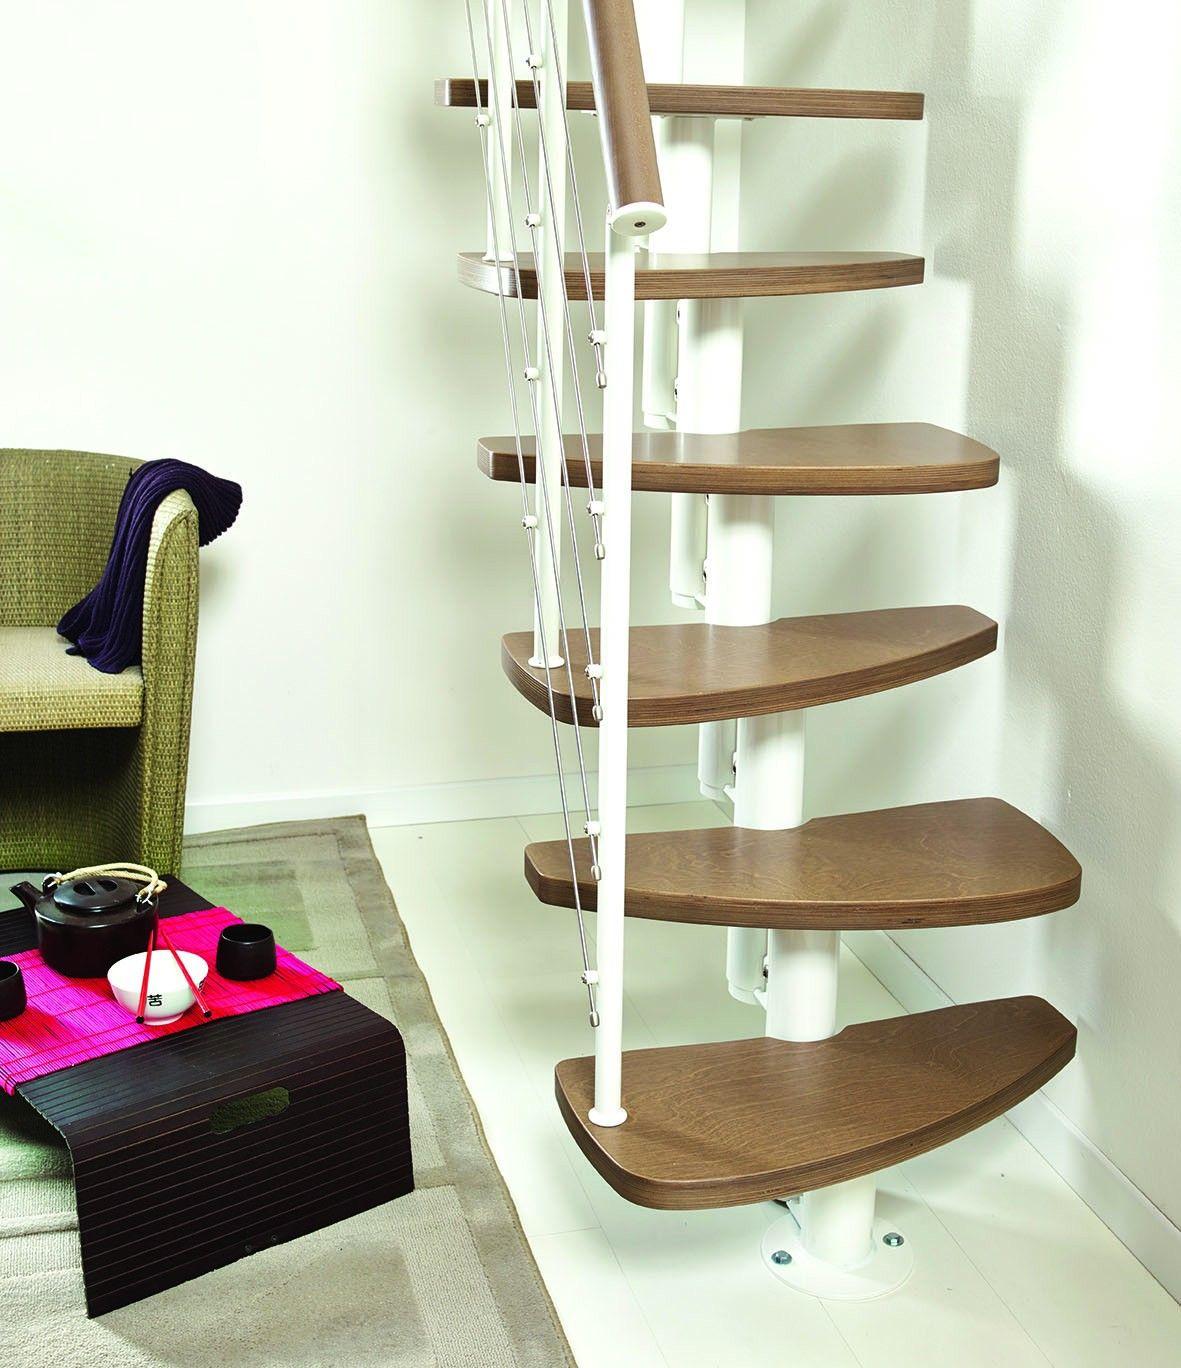 Space Saving Staircase Designs: Fontanot Zen Space Saving Stair Kit